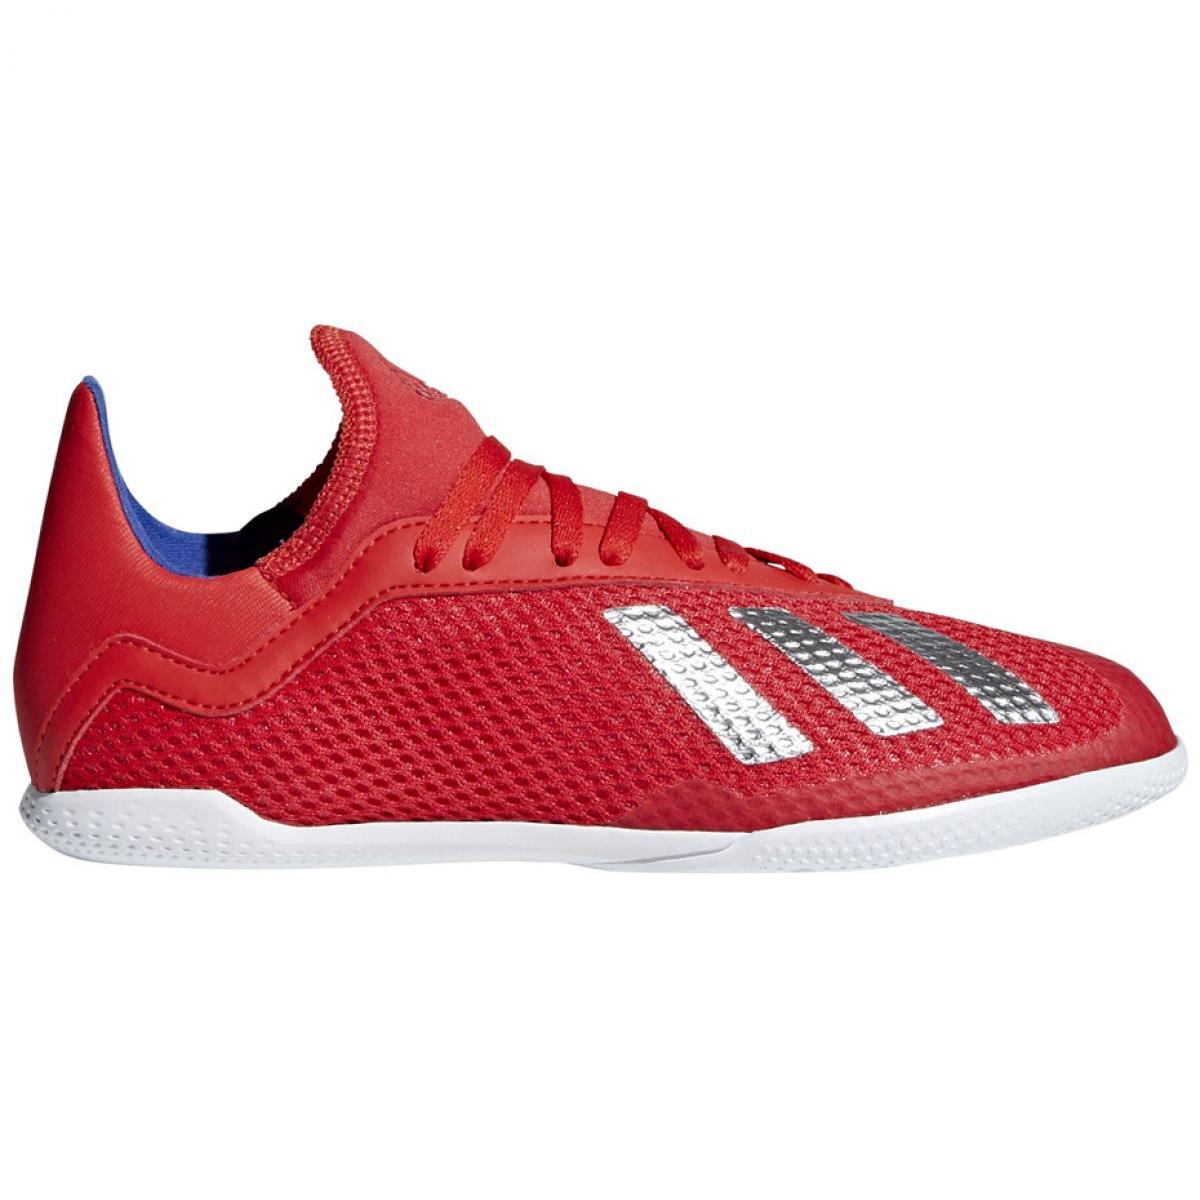 Buty halowe adidas X 18.3 In Jr BB9396 czerwony czerwone